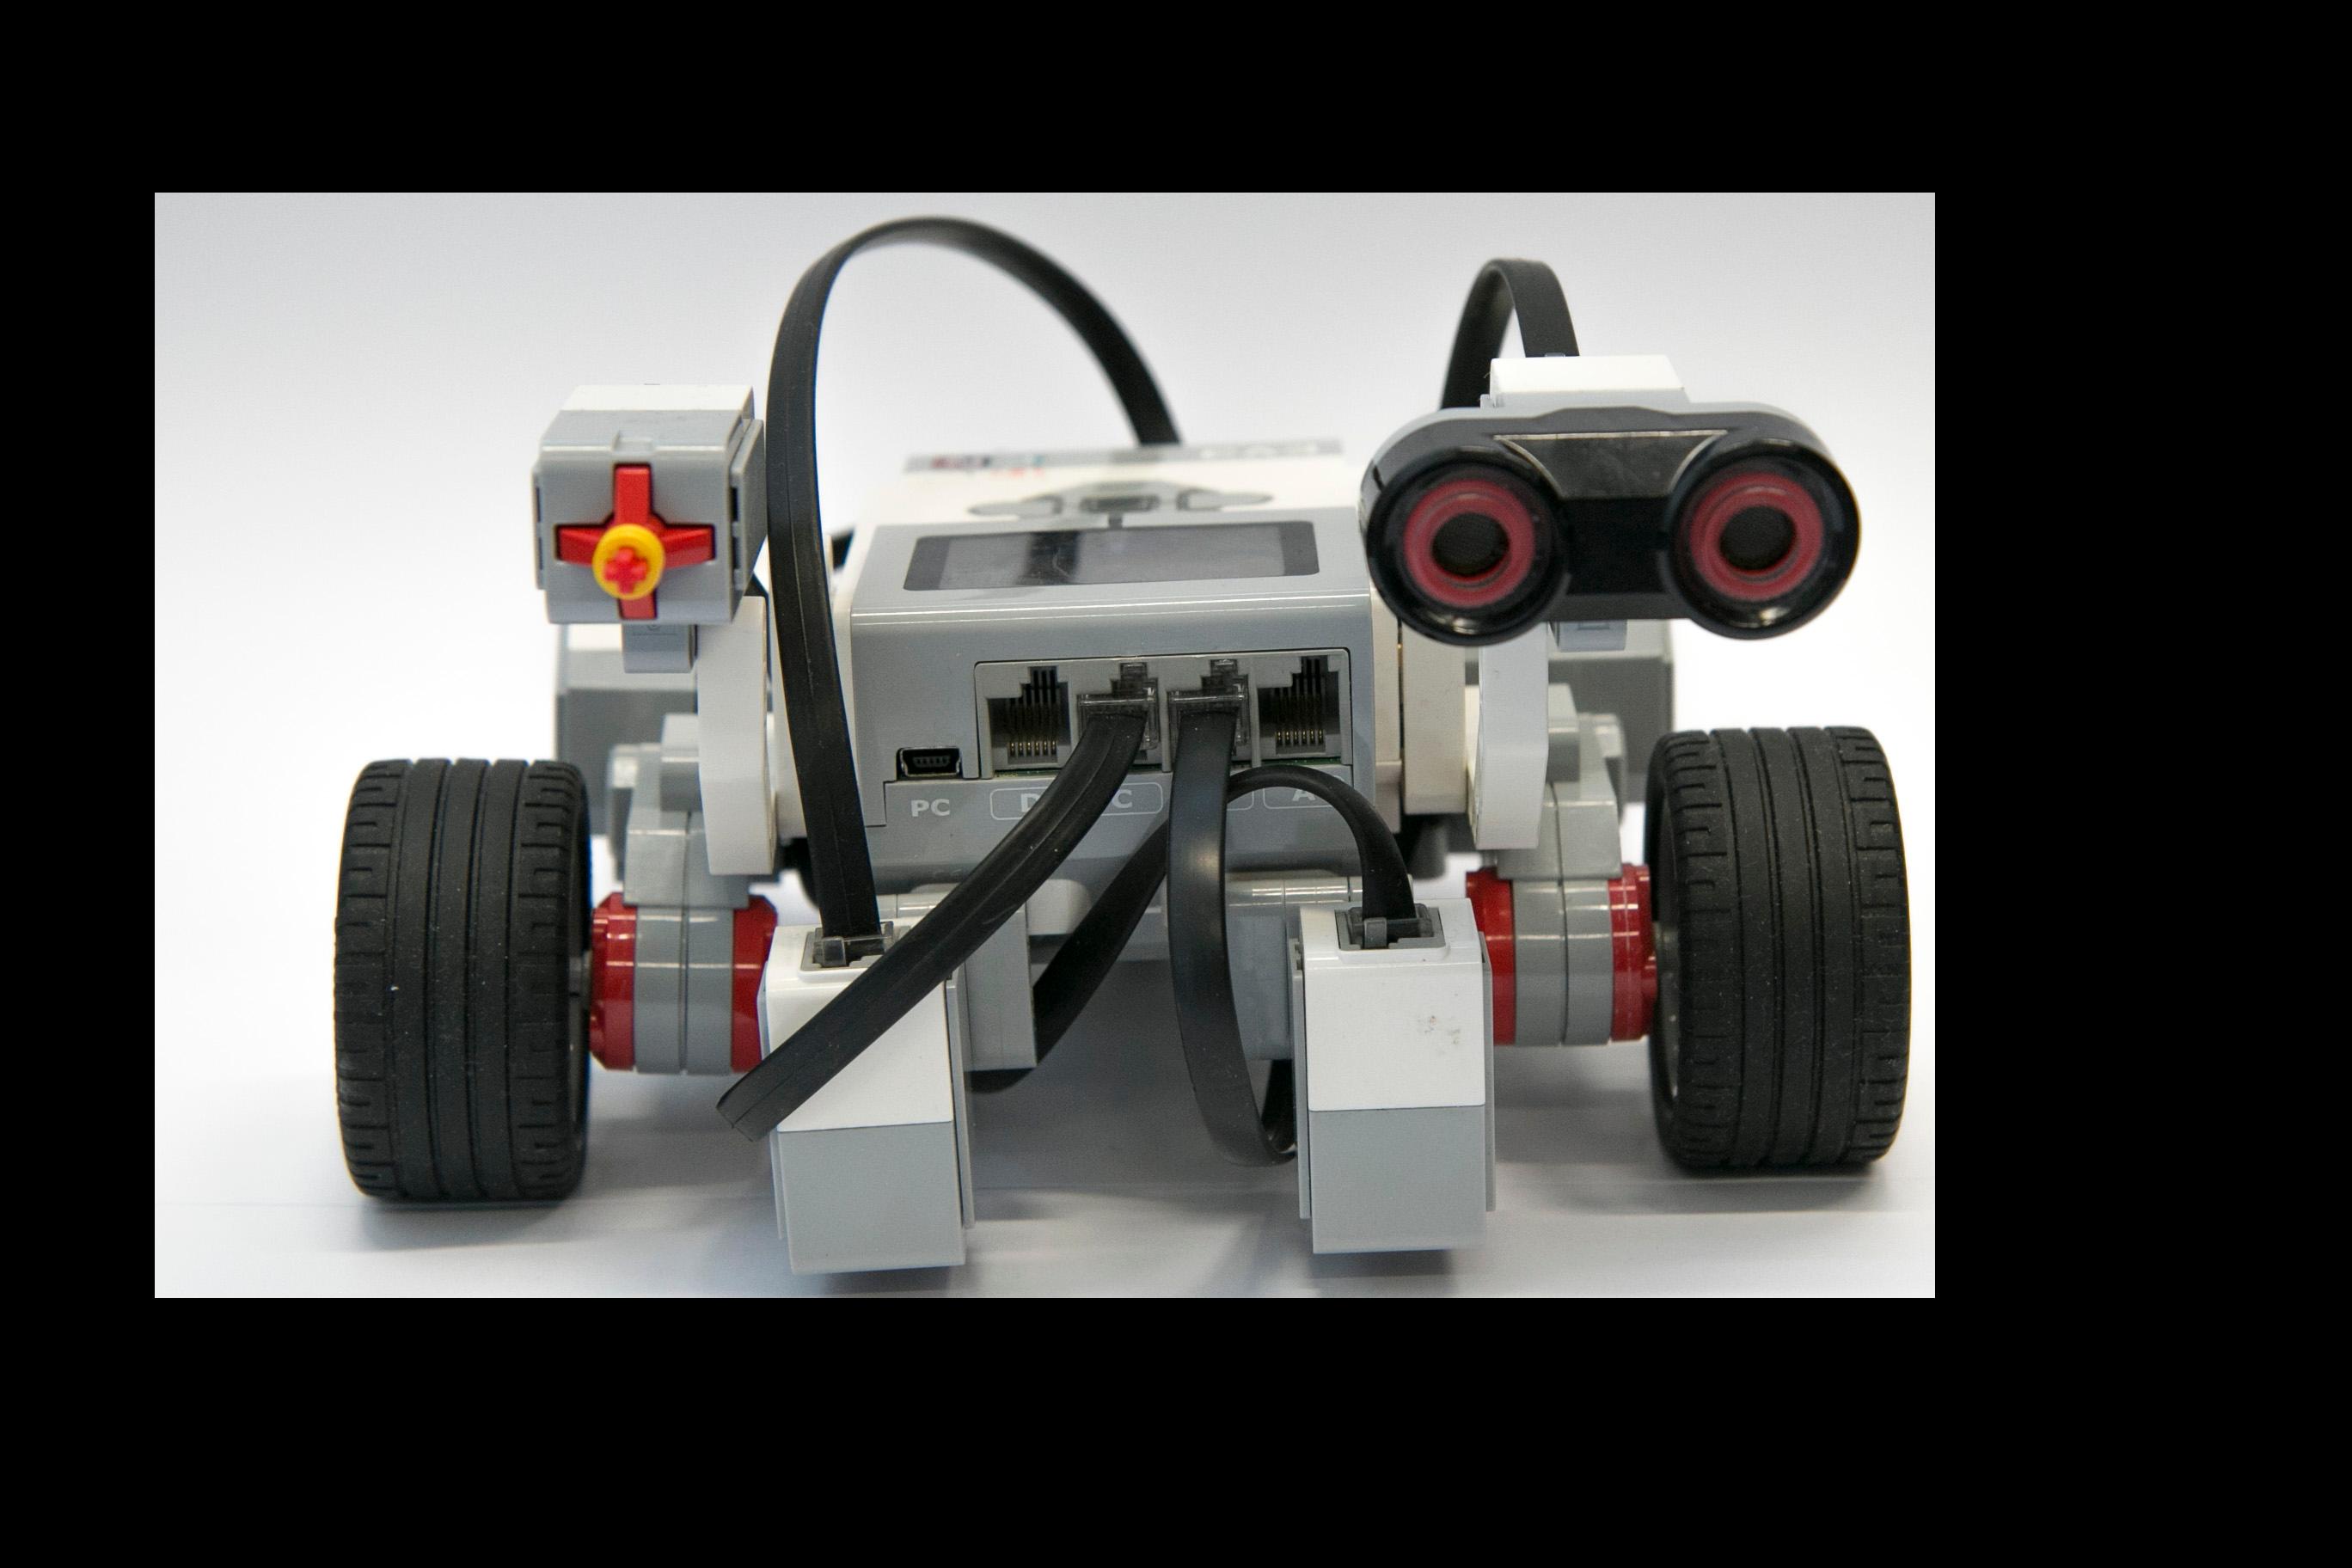 Roboter und mikrocontroller programmieren calliope